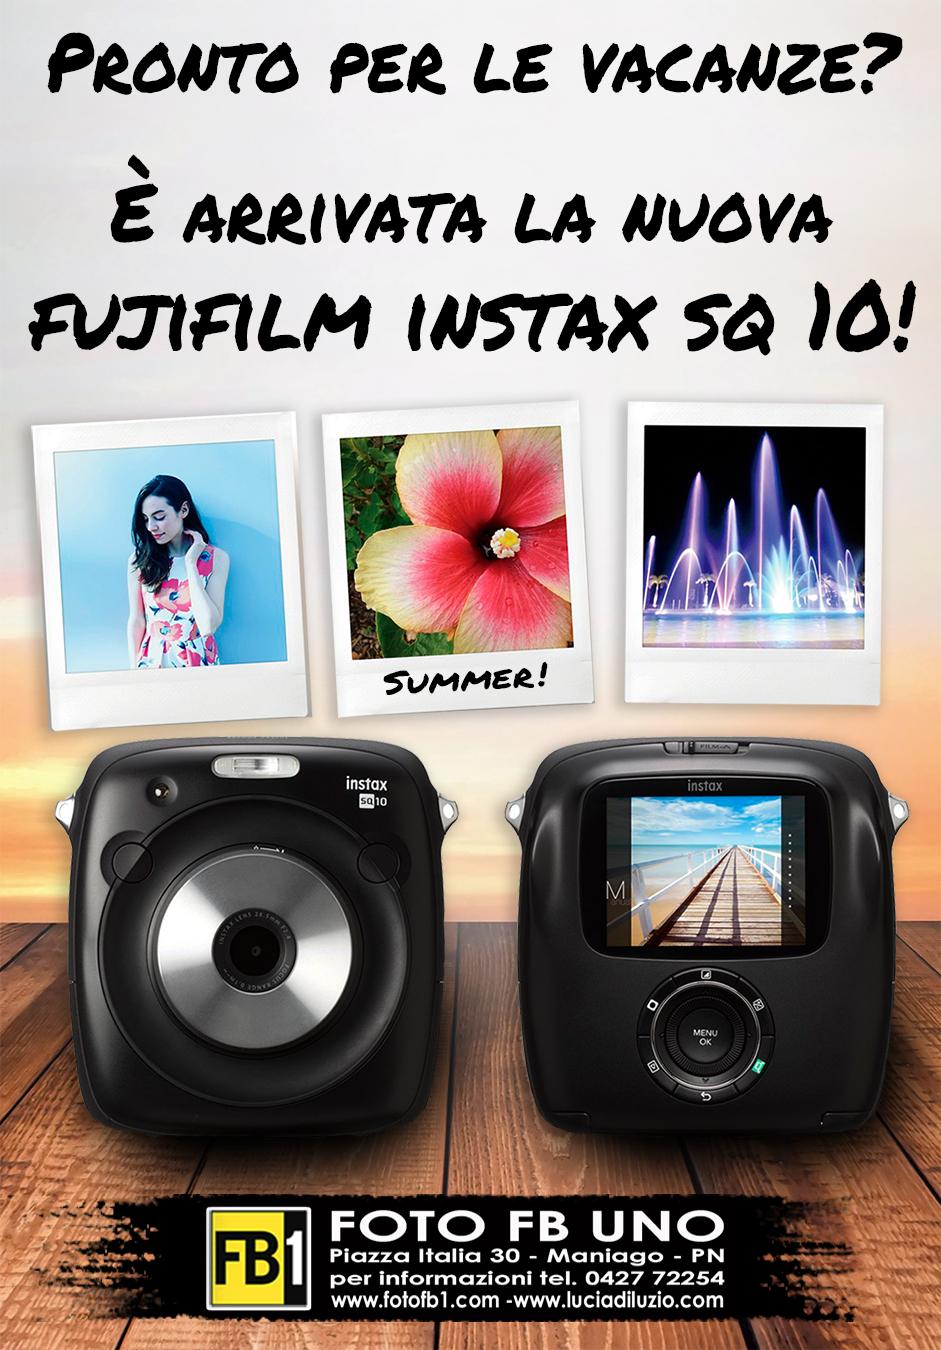 È arrivata la nuova Fujifilm Instax SQ 10